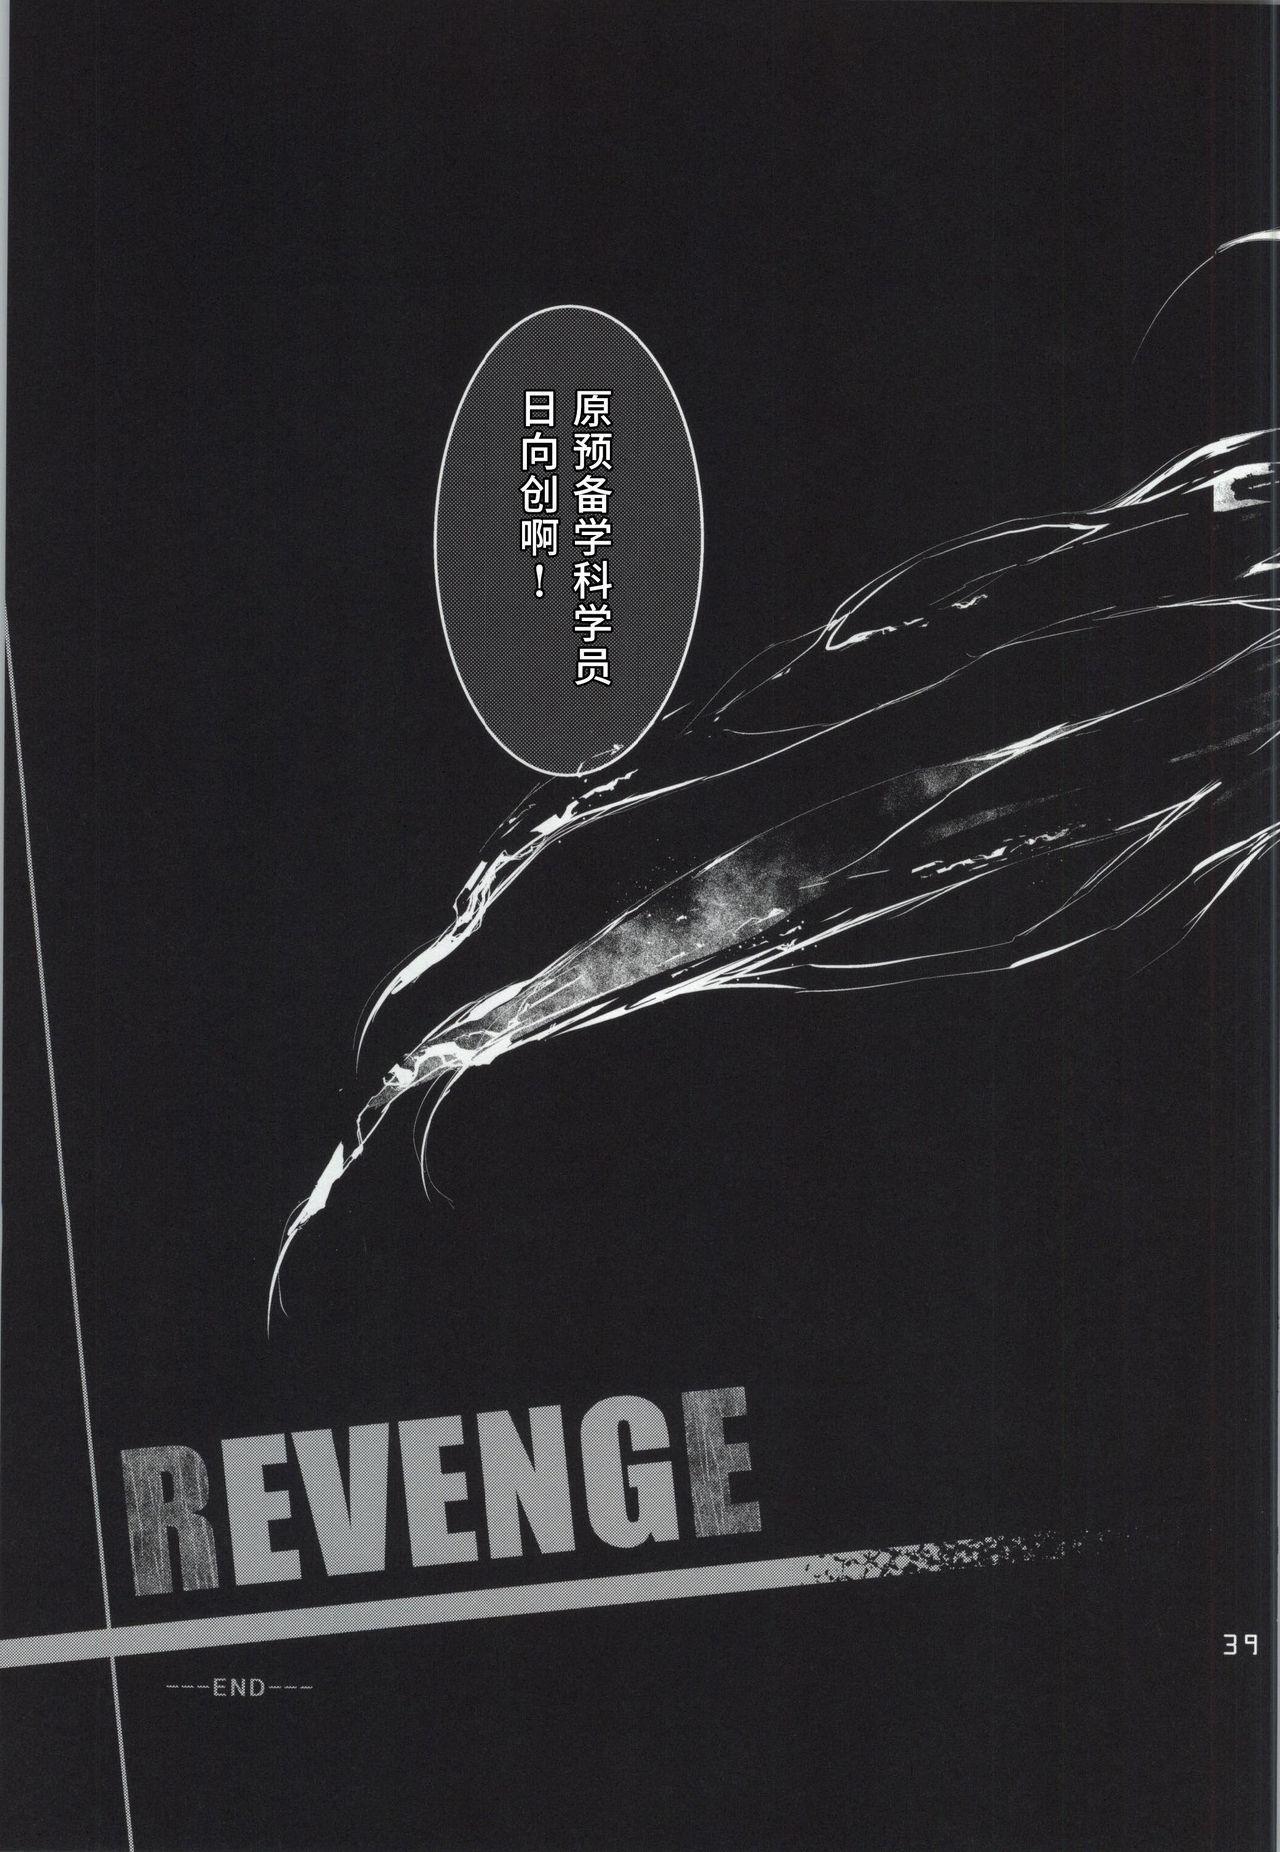 REVENGE 37